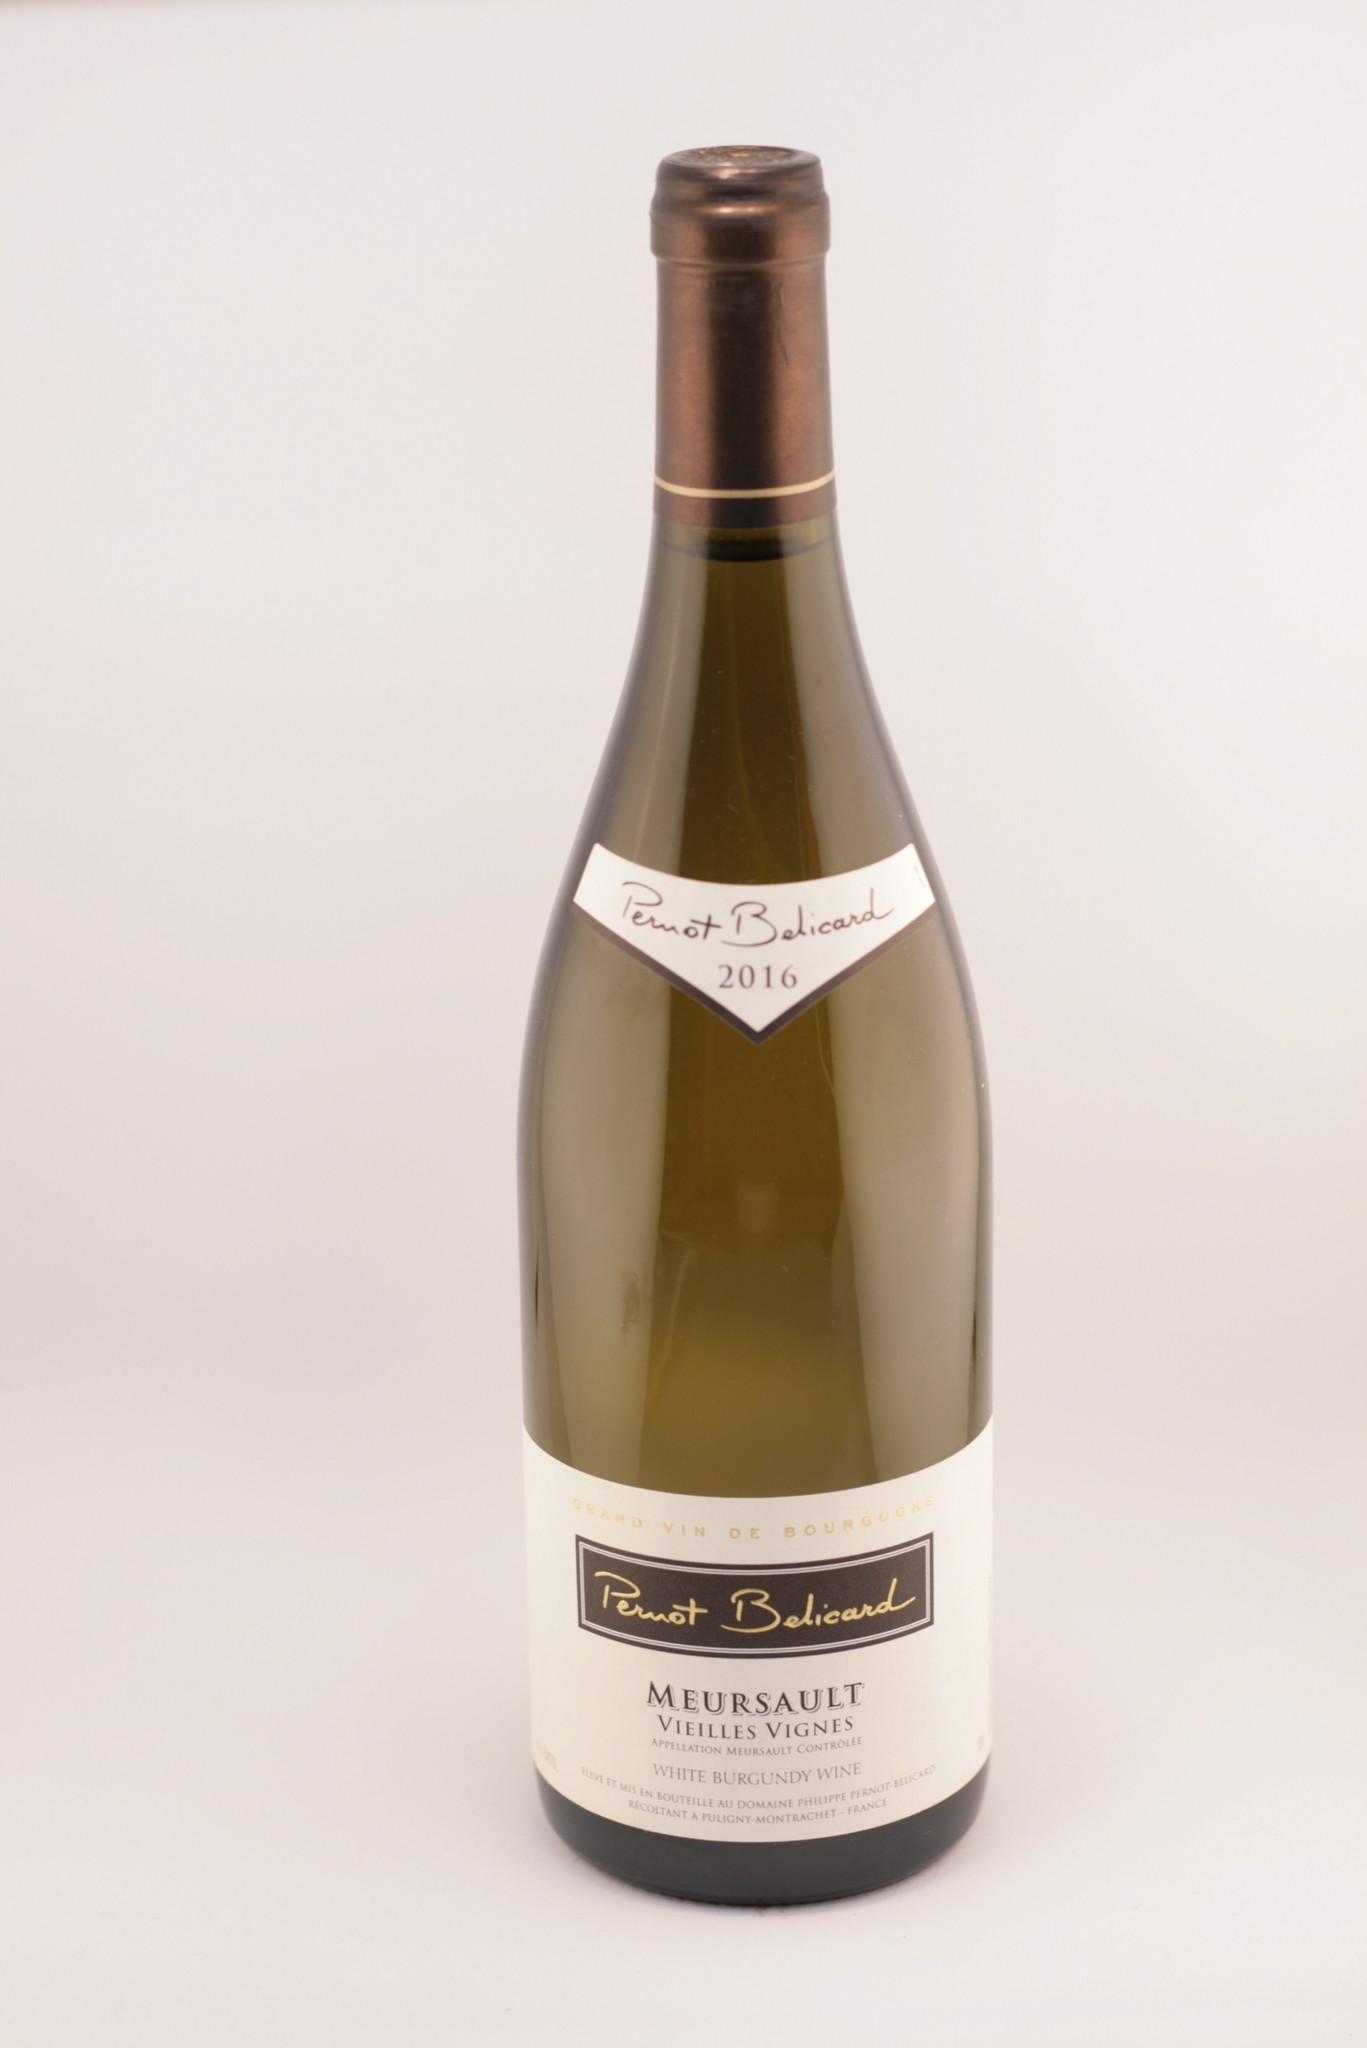 Meursault   Vieilles Vignes   Domaine Pernot Belicard